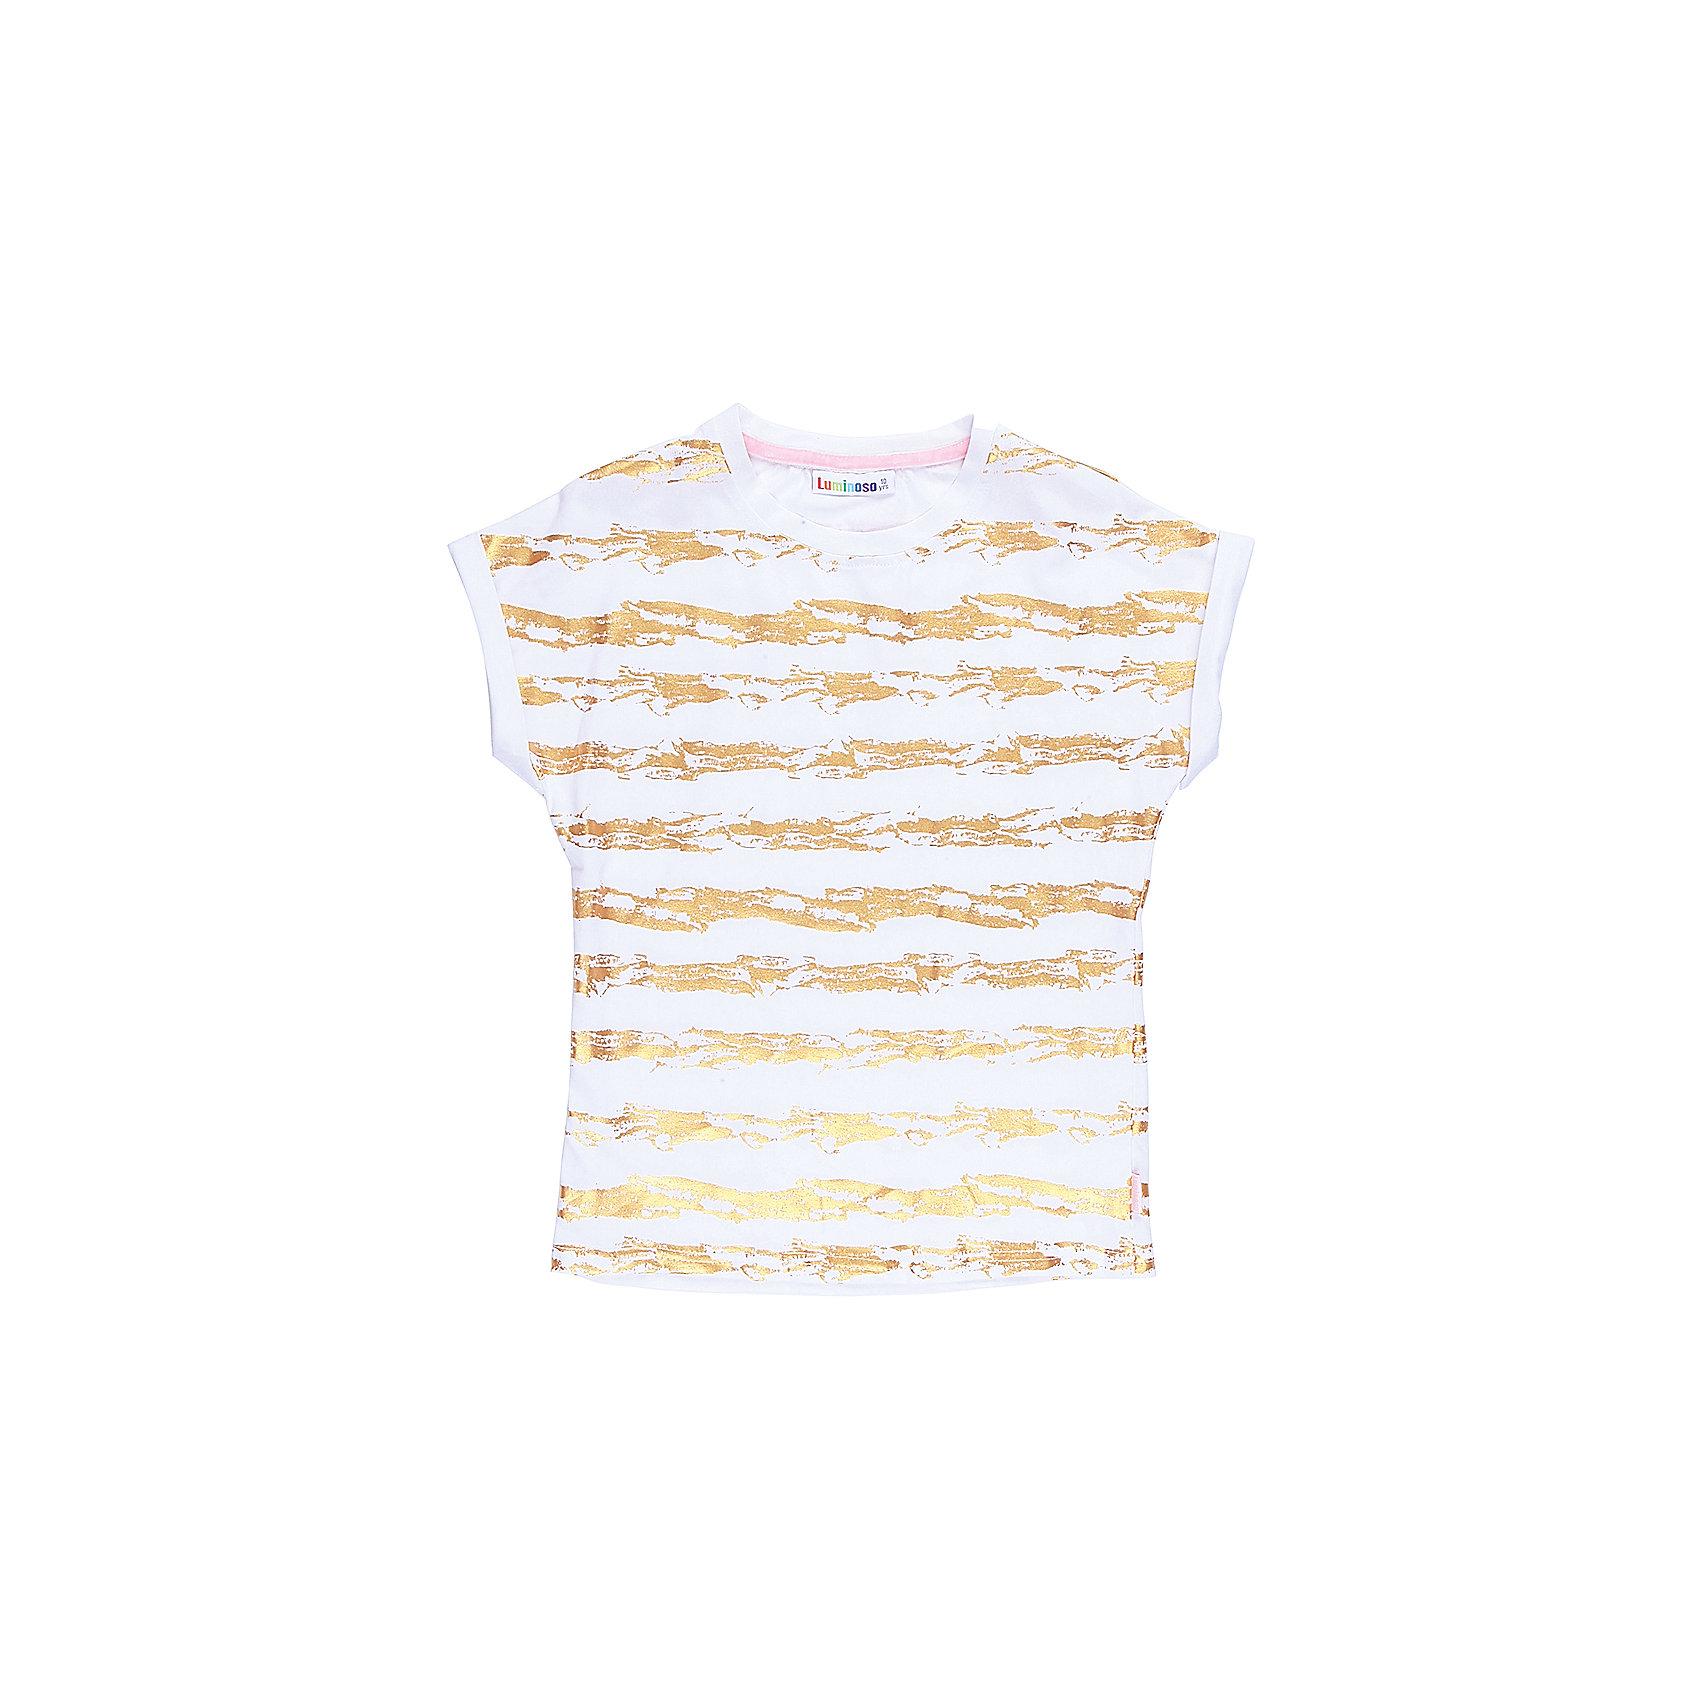 Футболка для девочки LuminosoФутболки, поло и топы<br>Стильная футболка из трикотажной ткани для девочки с коротким рукавом. Декорирована яркими золотымиполосами.<br>Состав:<br>95%хлопок 5%эластан<br><br>Ширина мм: 199<br>Глубина мм: 10<br>Высота мм: 161<br>Вес г: 151<br>Цвет: белый<br>Возраст от месяцев: 96<br>Возраст до месяцев: 108<br>Пол: Женский<br>Возраст: Детский<br>Размер: 134,140,146,152,158,164<br>SKU: 5413221